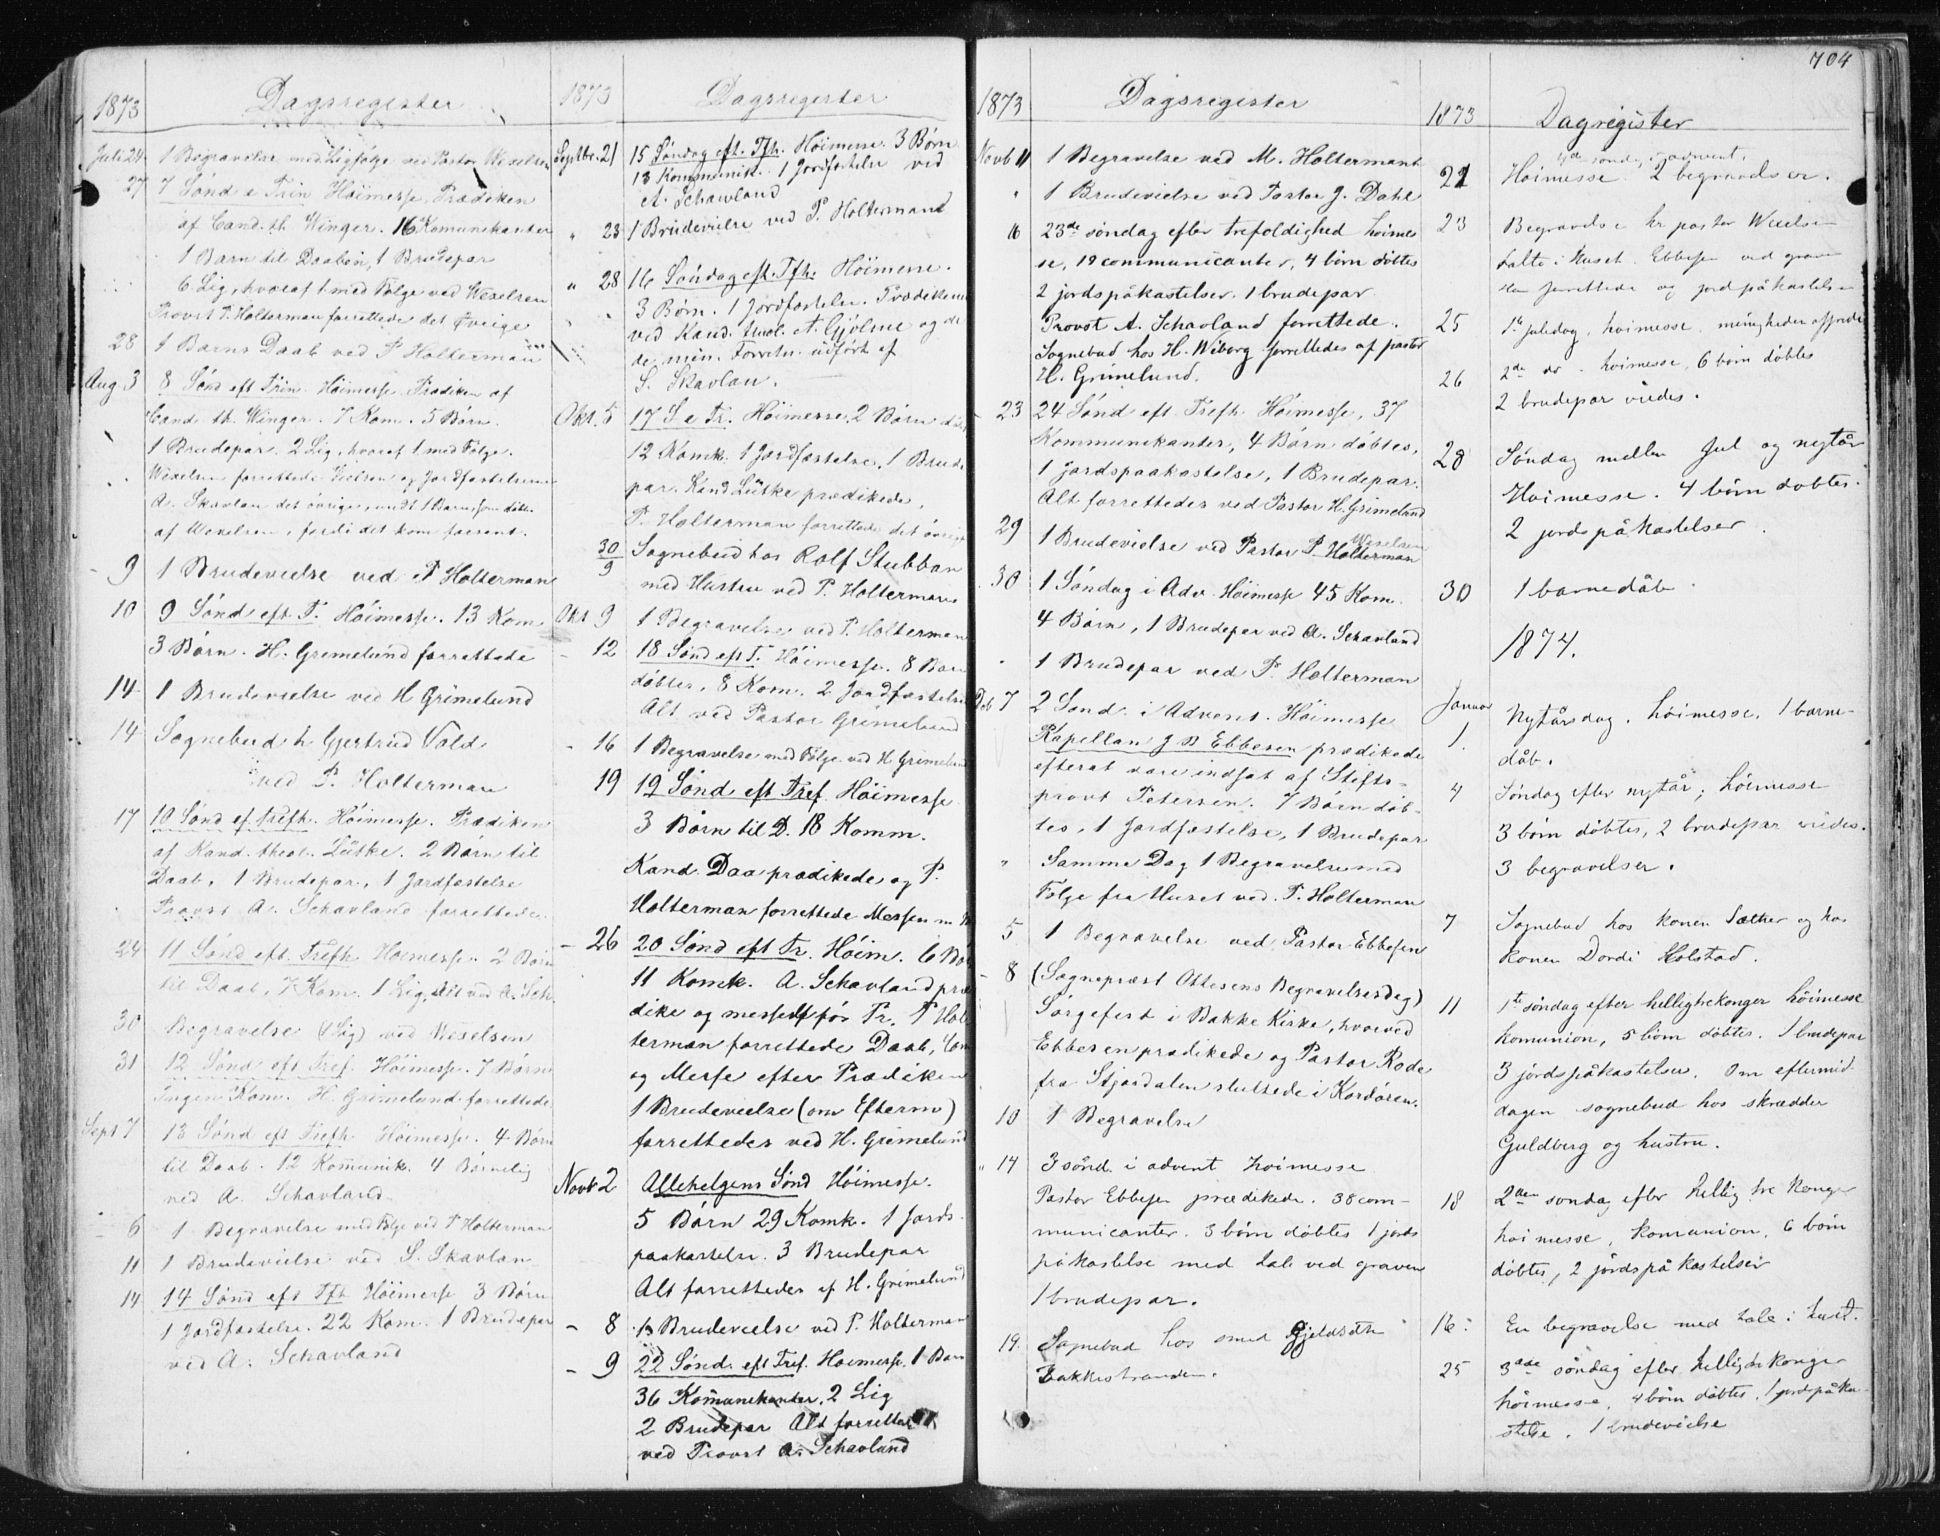 SAT, Ministerialprotokoller, klokkerbøker og fødselsregistre - Sør-Trøndelag, 604/L0186: Ministerialbok nr. 604A07, 1866-1877, s. 704